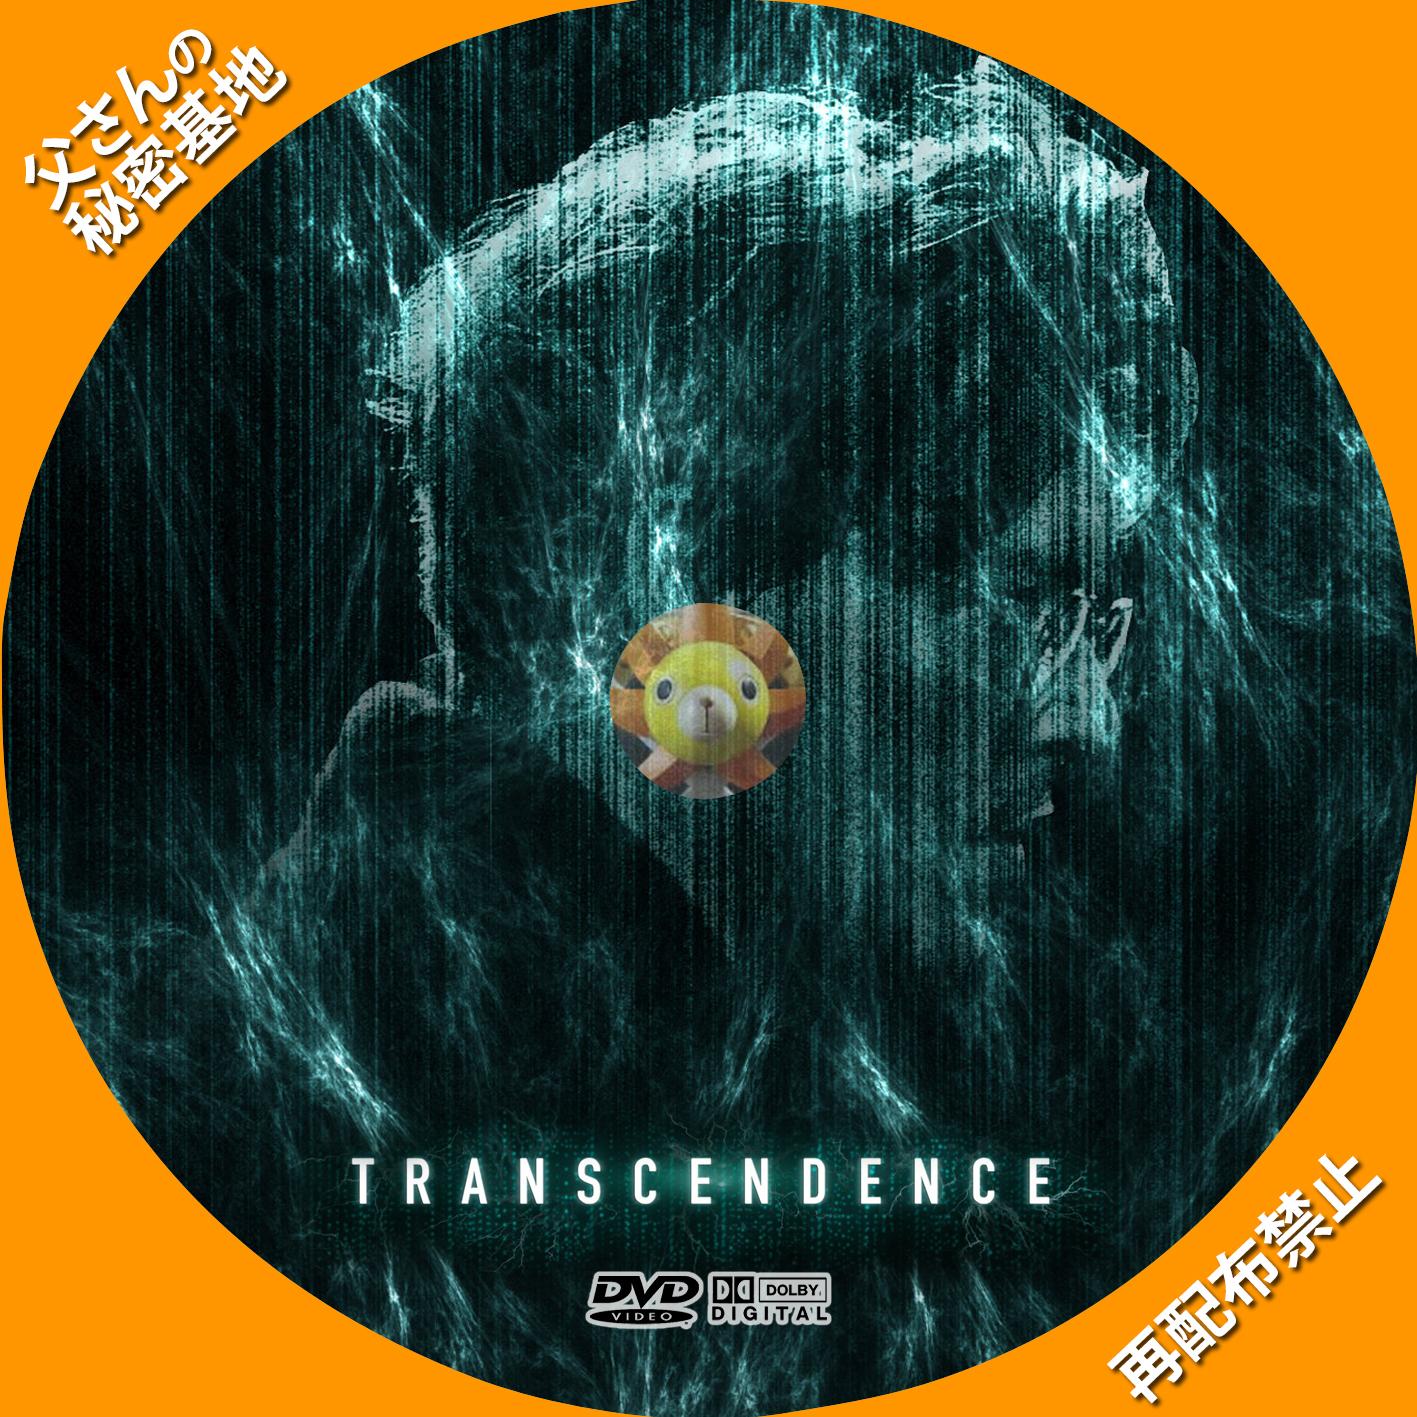 transcendence_DVD02.jpg